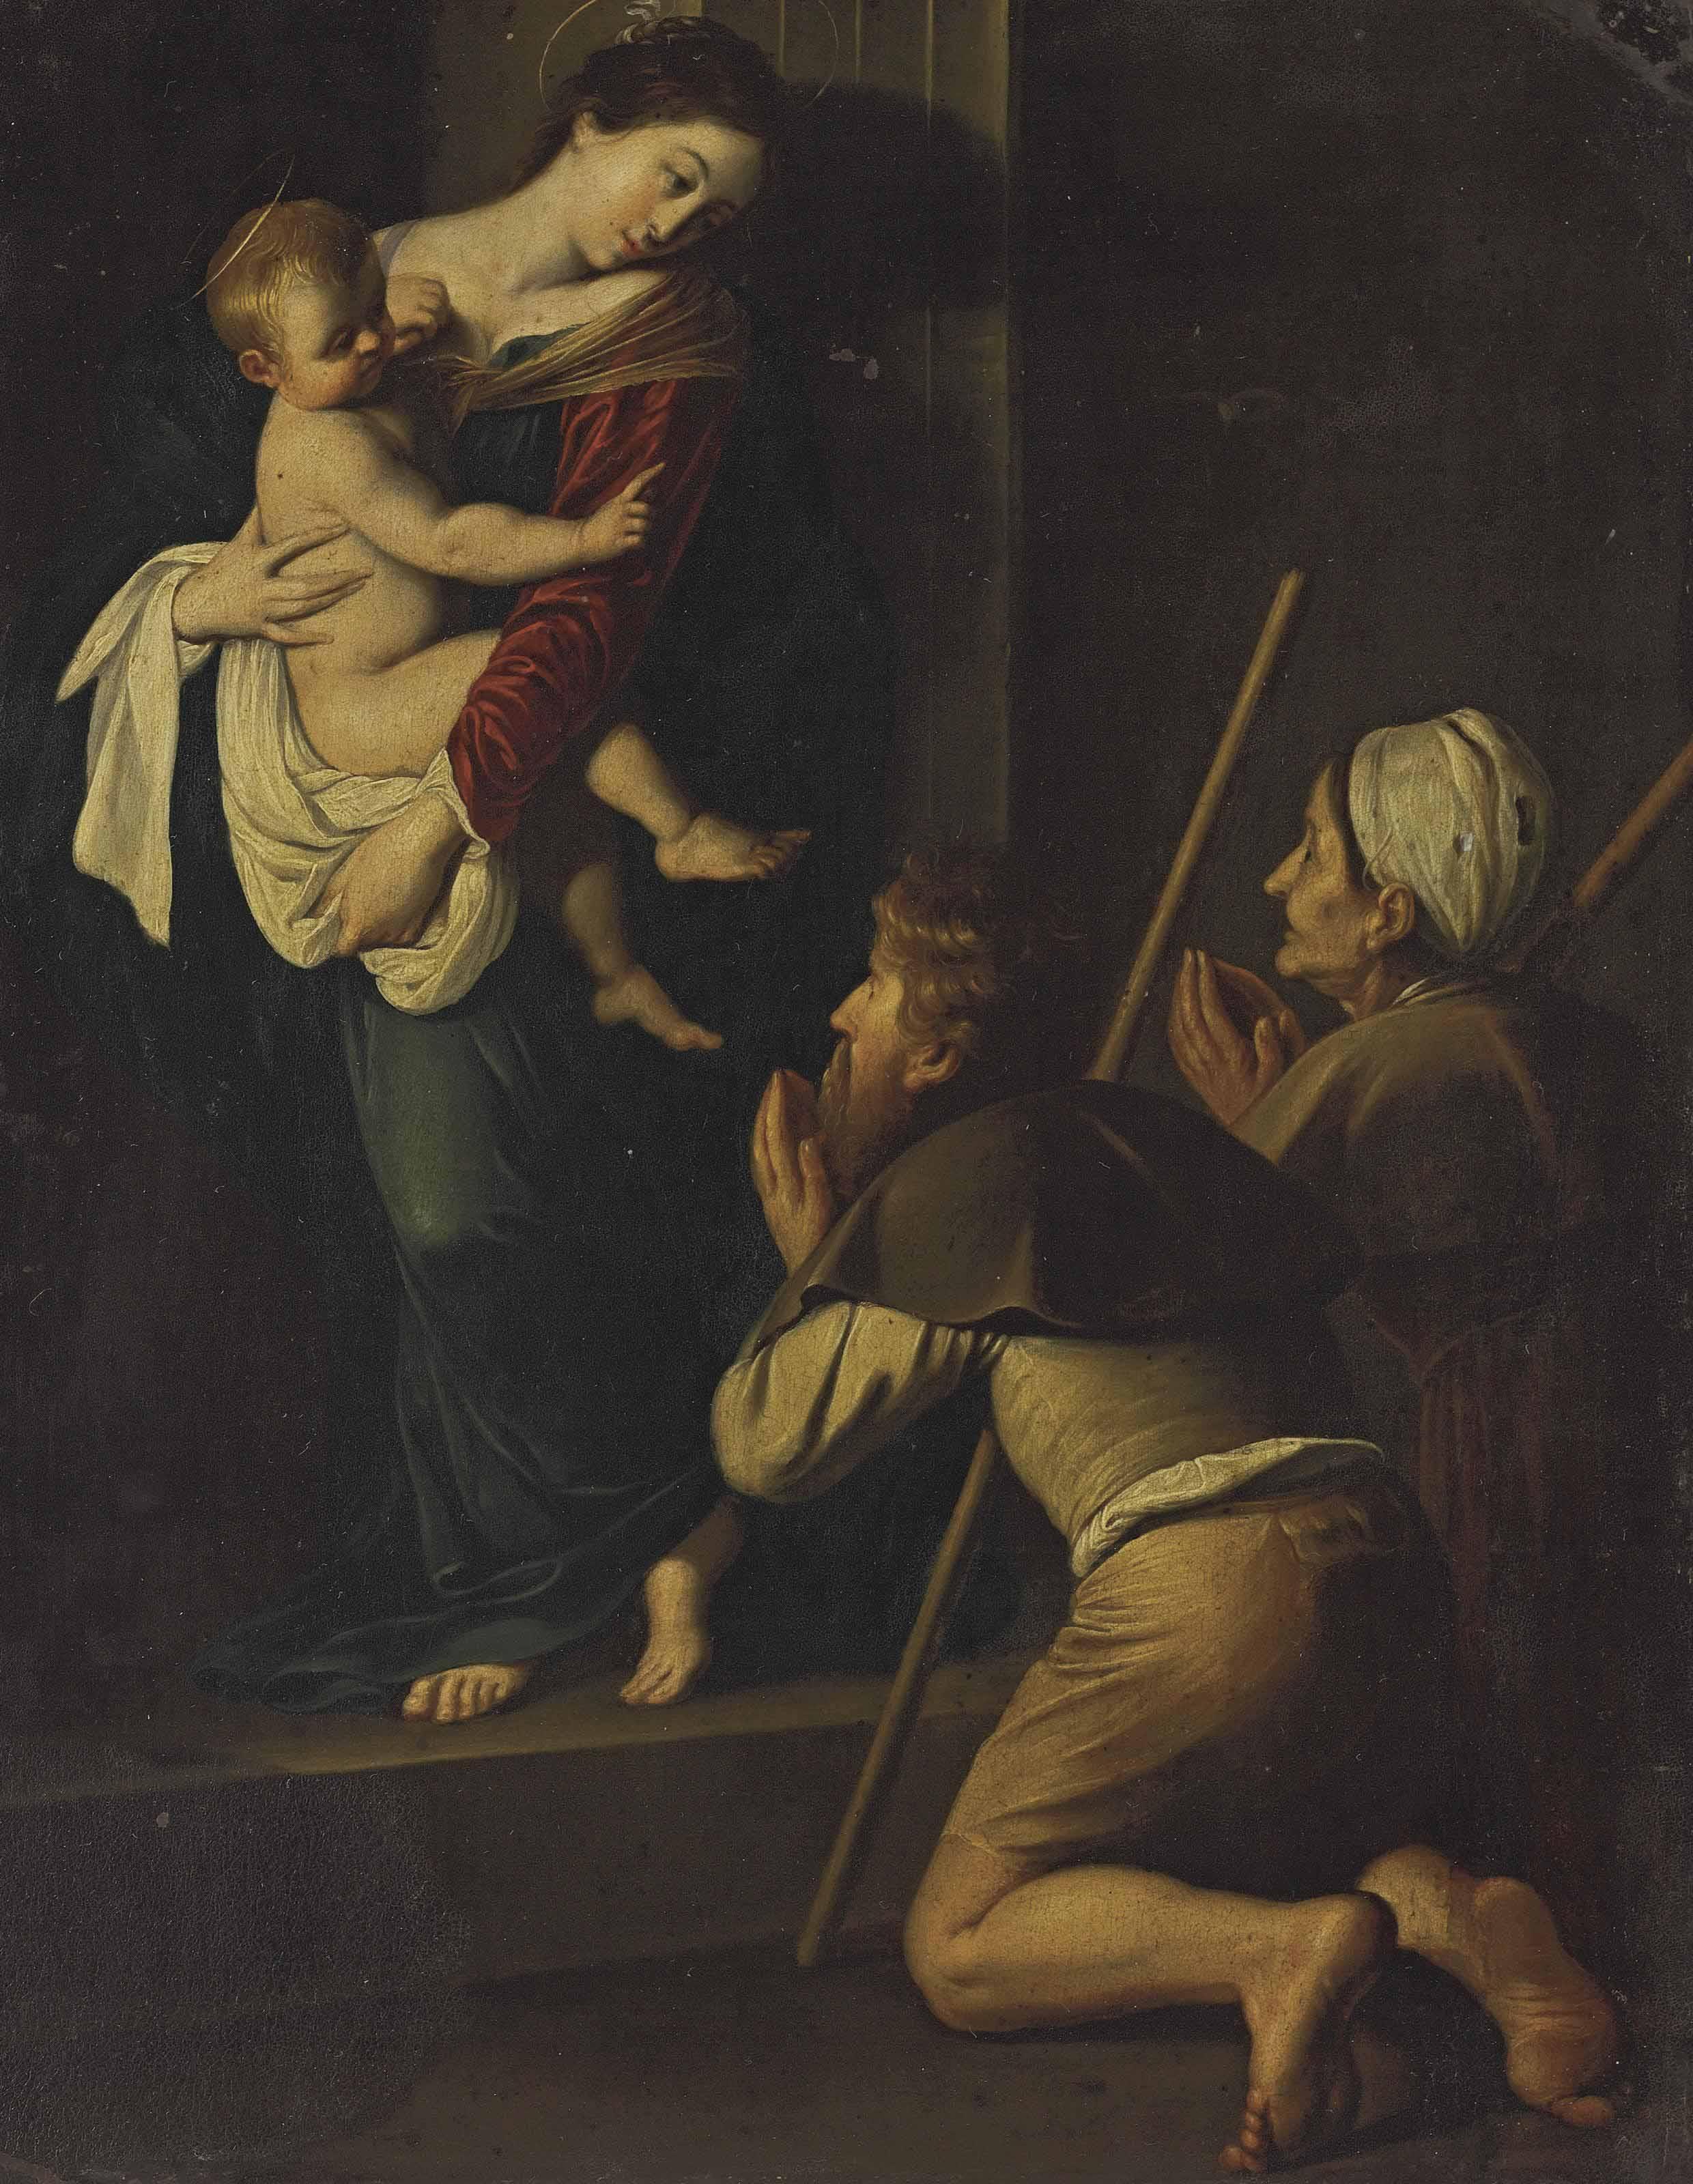 17th-Century Follower of Michelangelo Merisi da Caravaggio